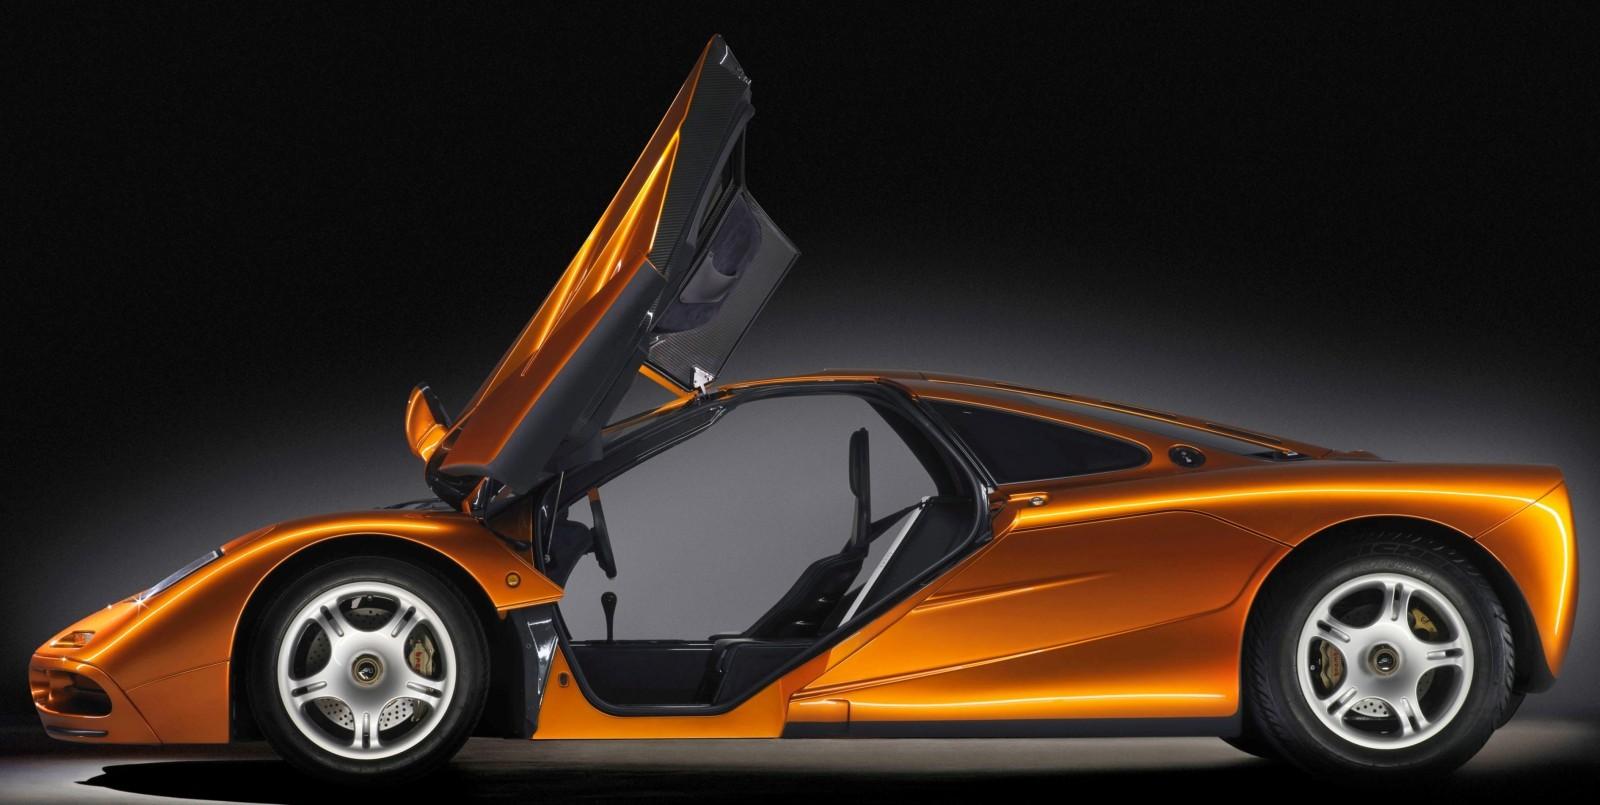 CarRevsDaily - Supercar Legends - McLaren F1 Wallpaper 42